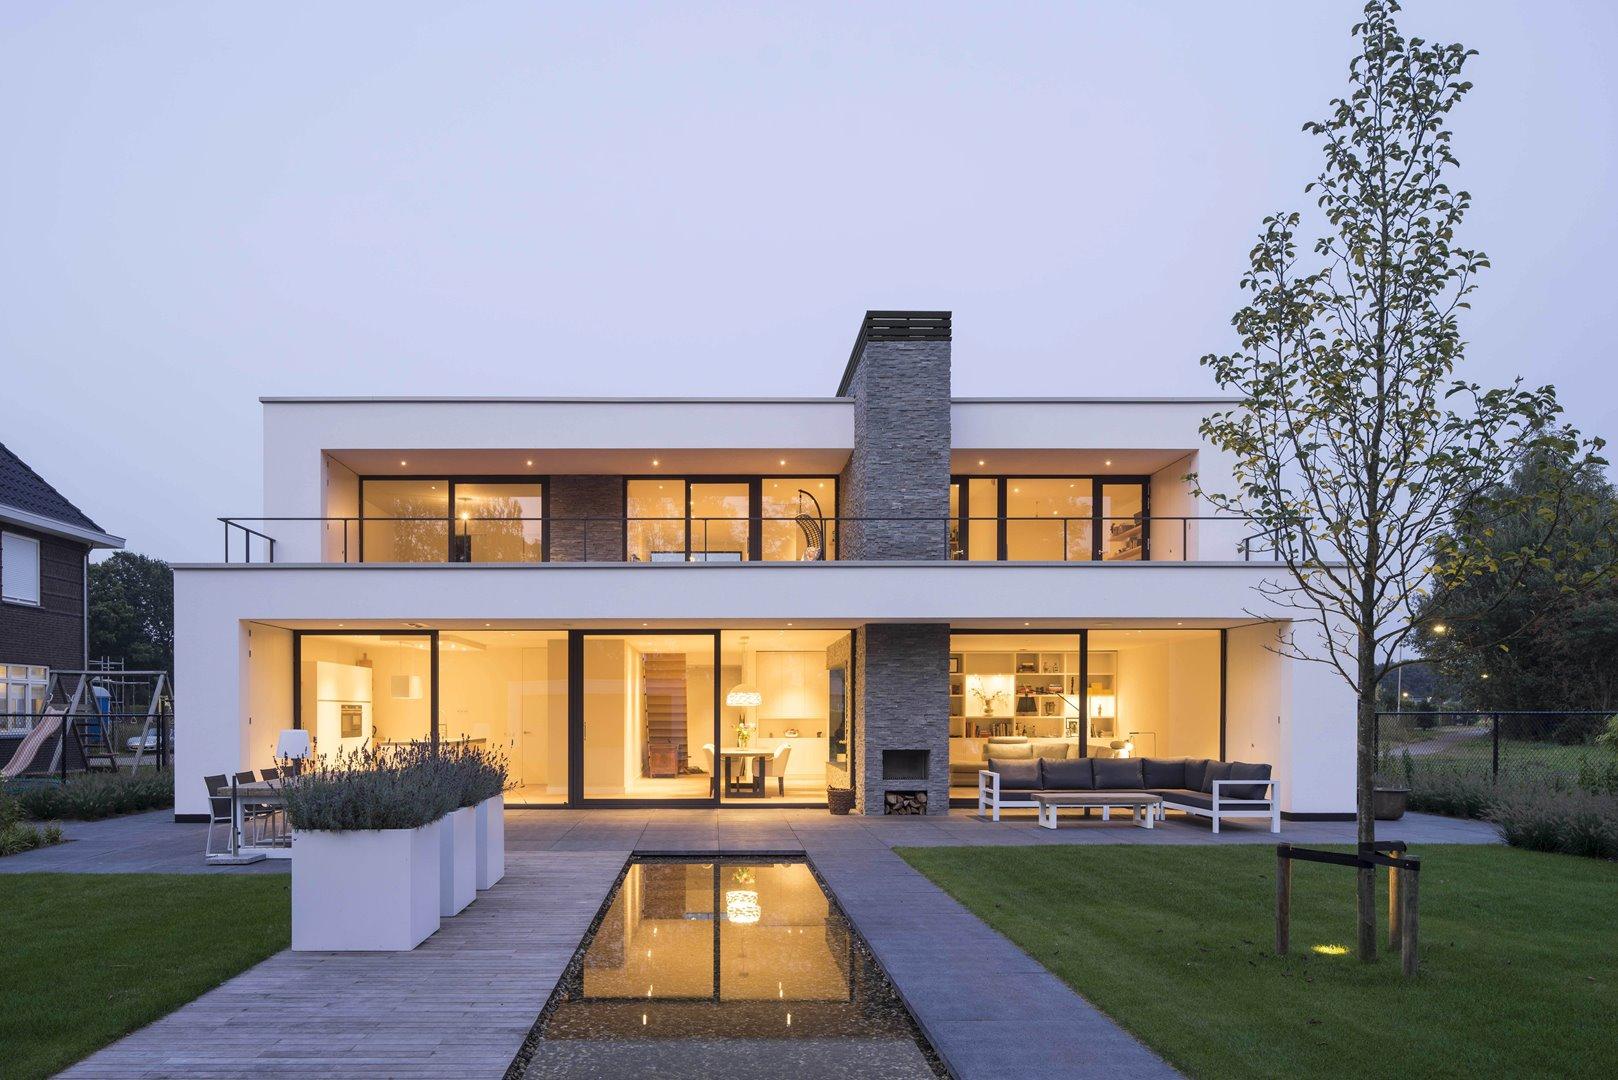 Maison moderne avec de nombreuses fenêtres